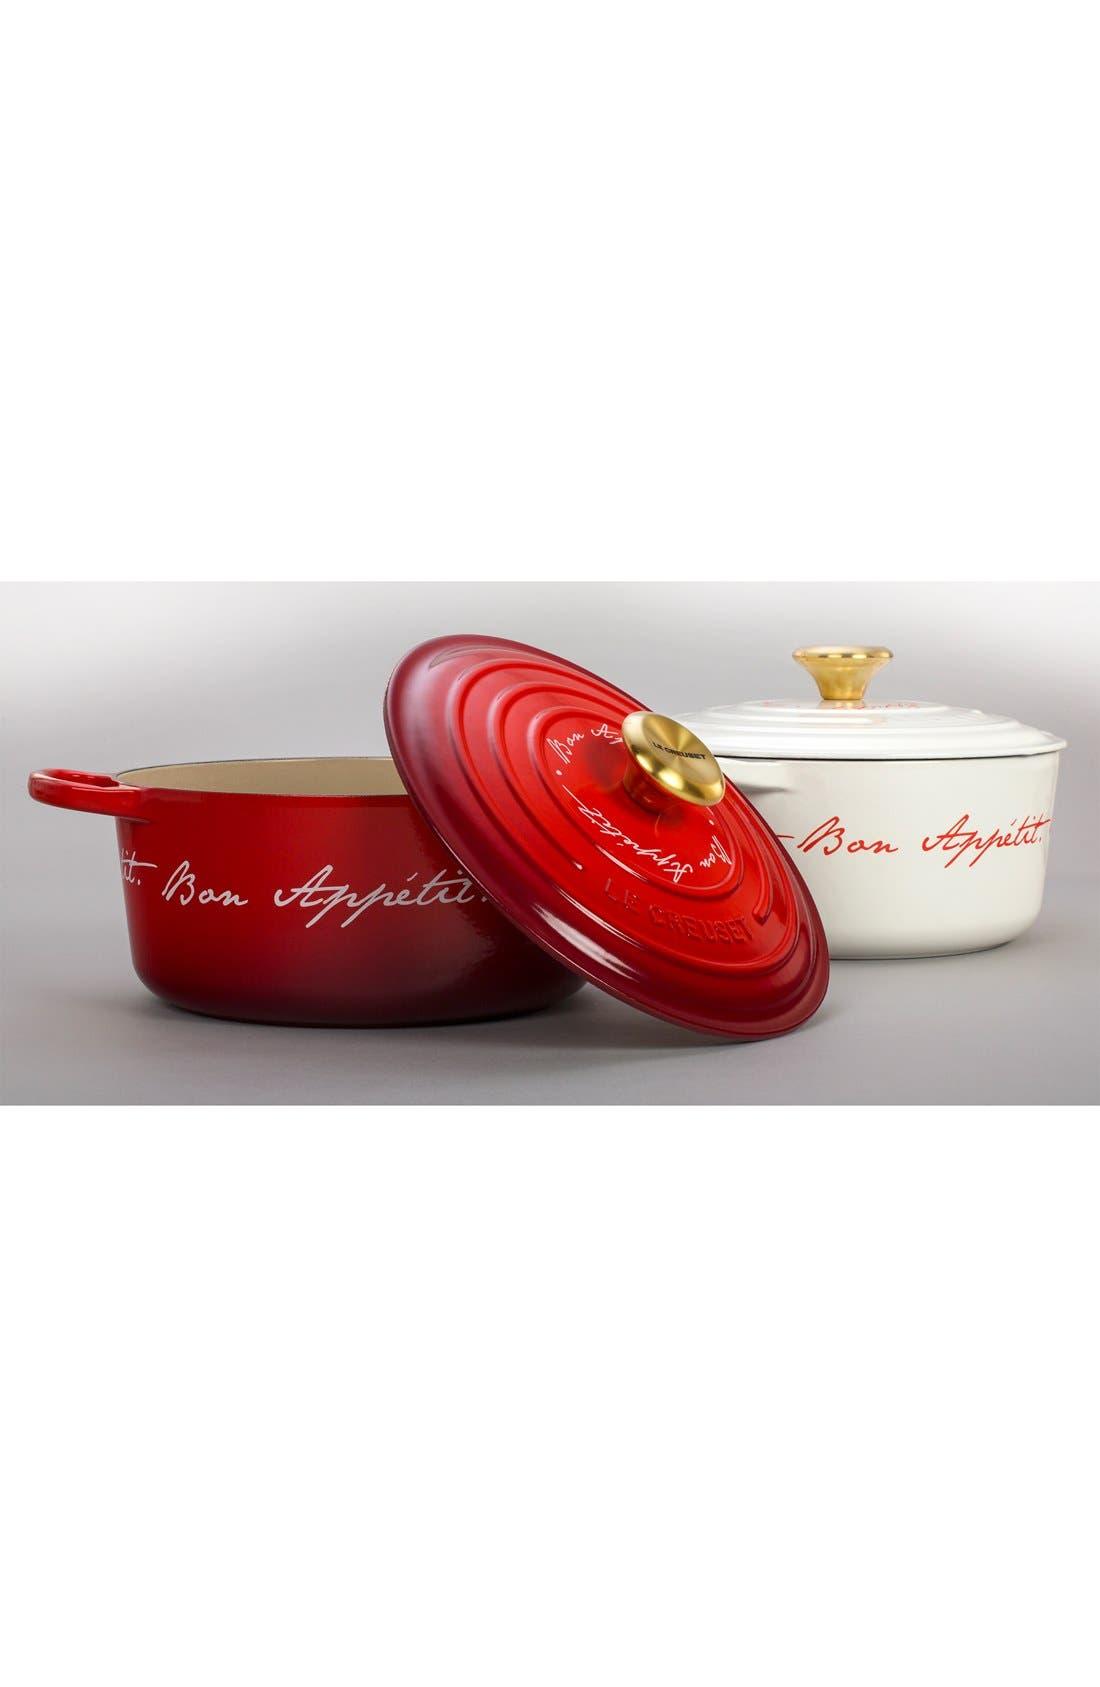 'Bon Appétit - Gold Knob' 4 1/2 Quart Round Enamel Cast Iron French/Dutch Oven,                             Alternate thumbnail 3, color,                             100